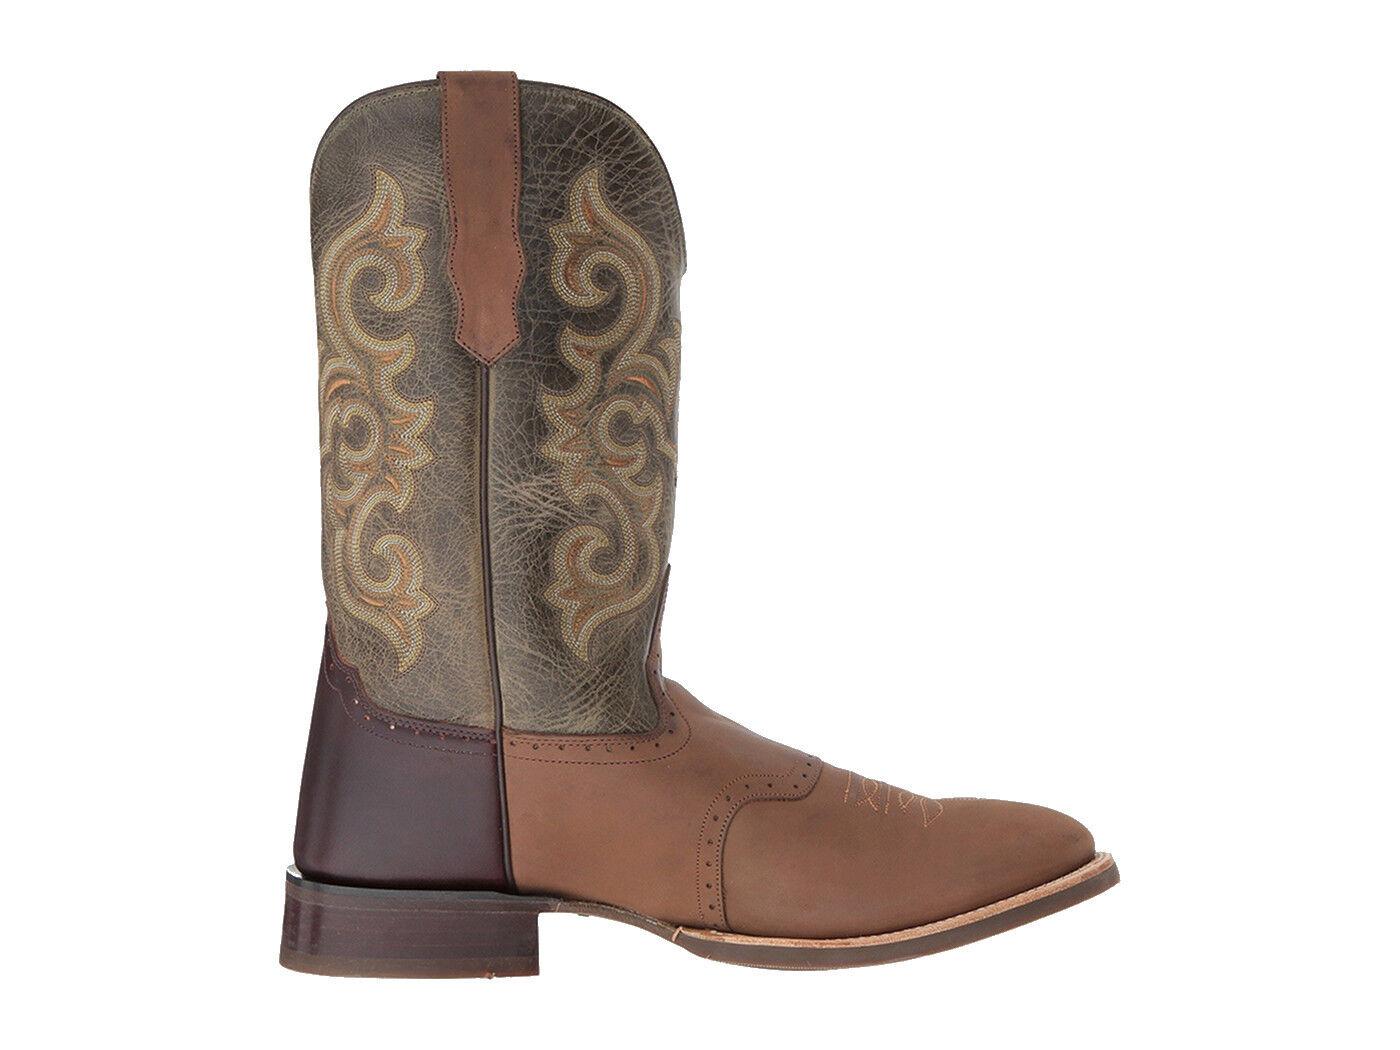 Oeste botas de vaquero para hombre amplia Old Goma rojoonda Chocolate Barnwood 5703